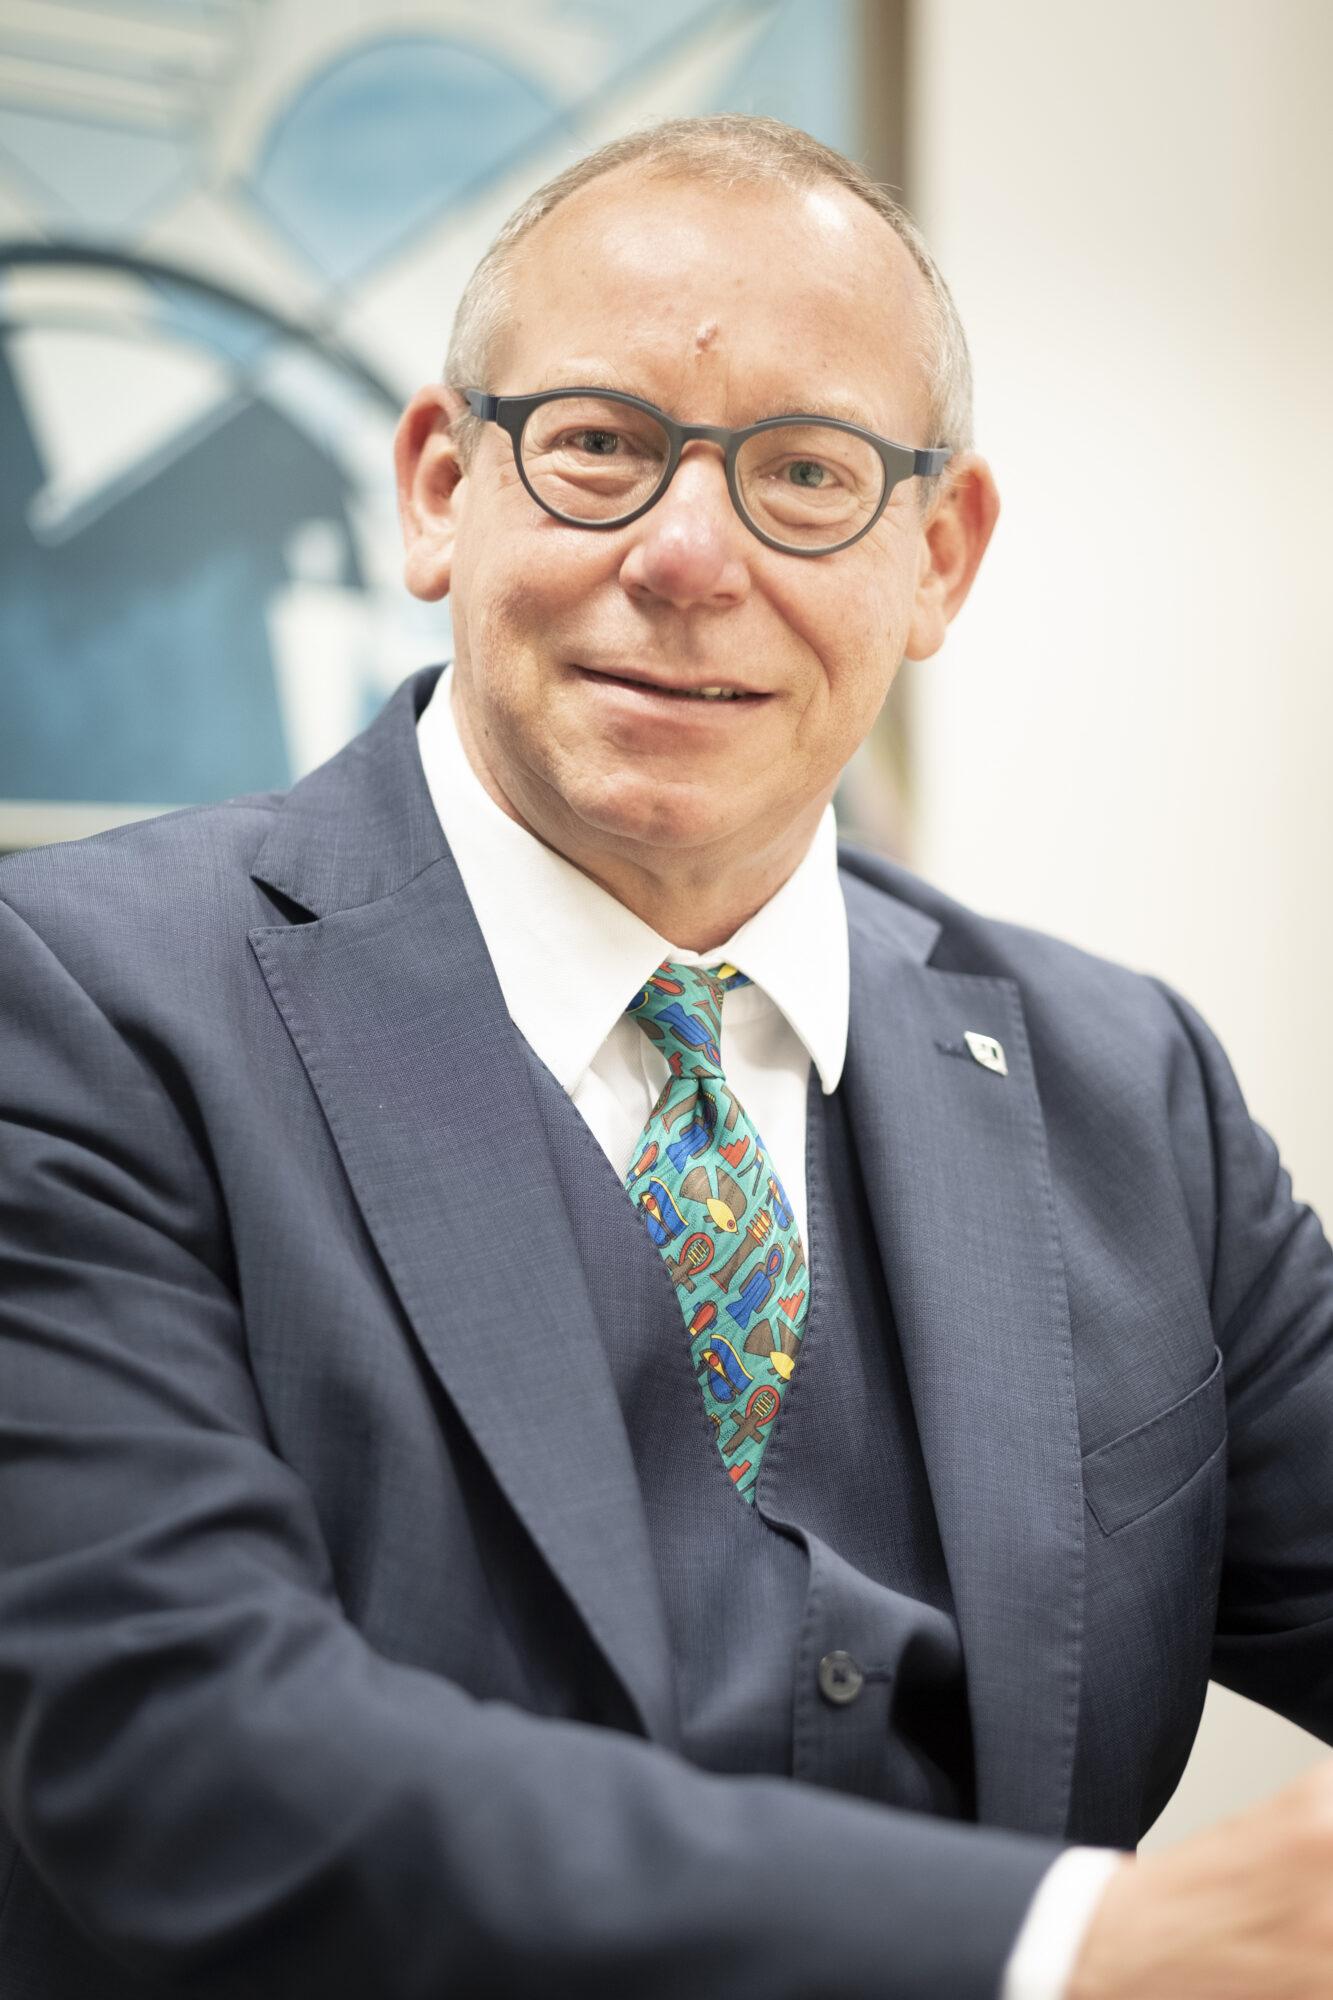 Wethouder van financiën Detlev Cziesso blij met overschot van 17 miljoen: 'Nu weer ruimte om te investeren in nieuwe projecten'